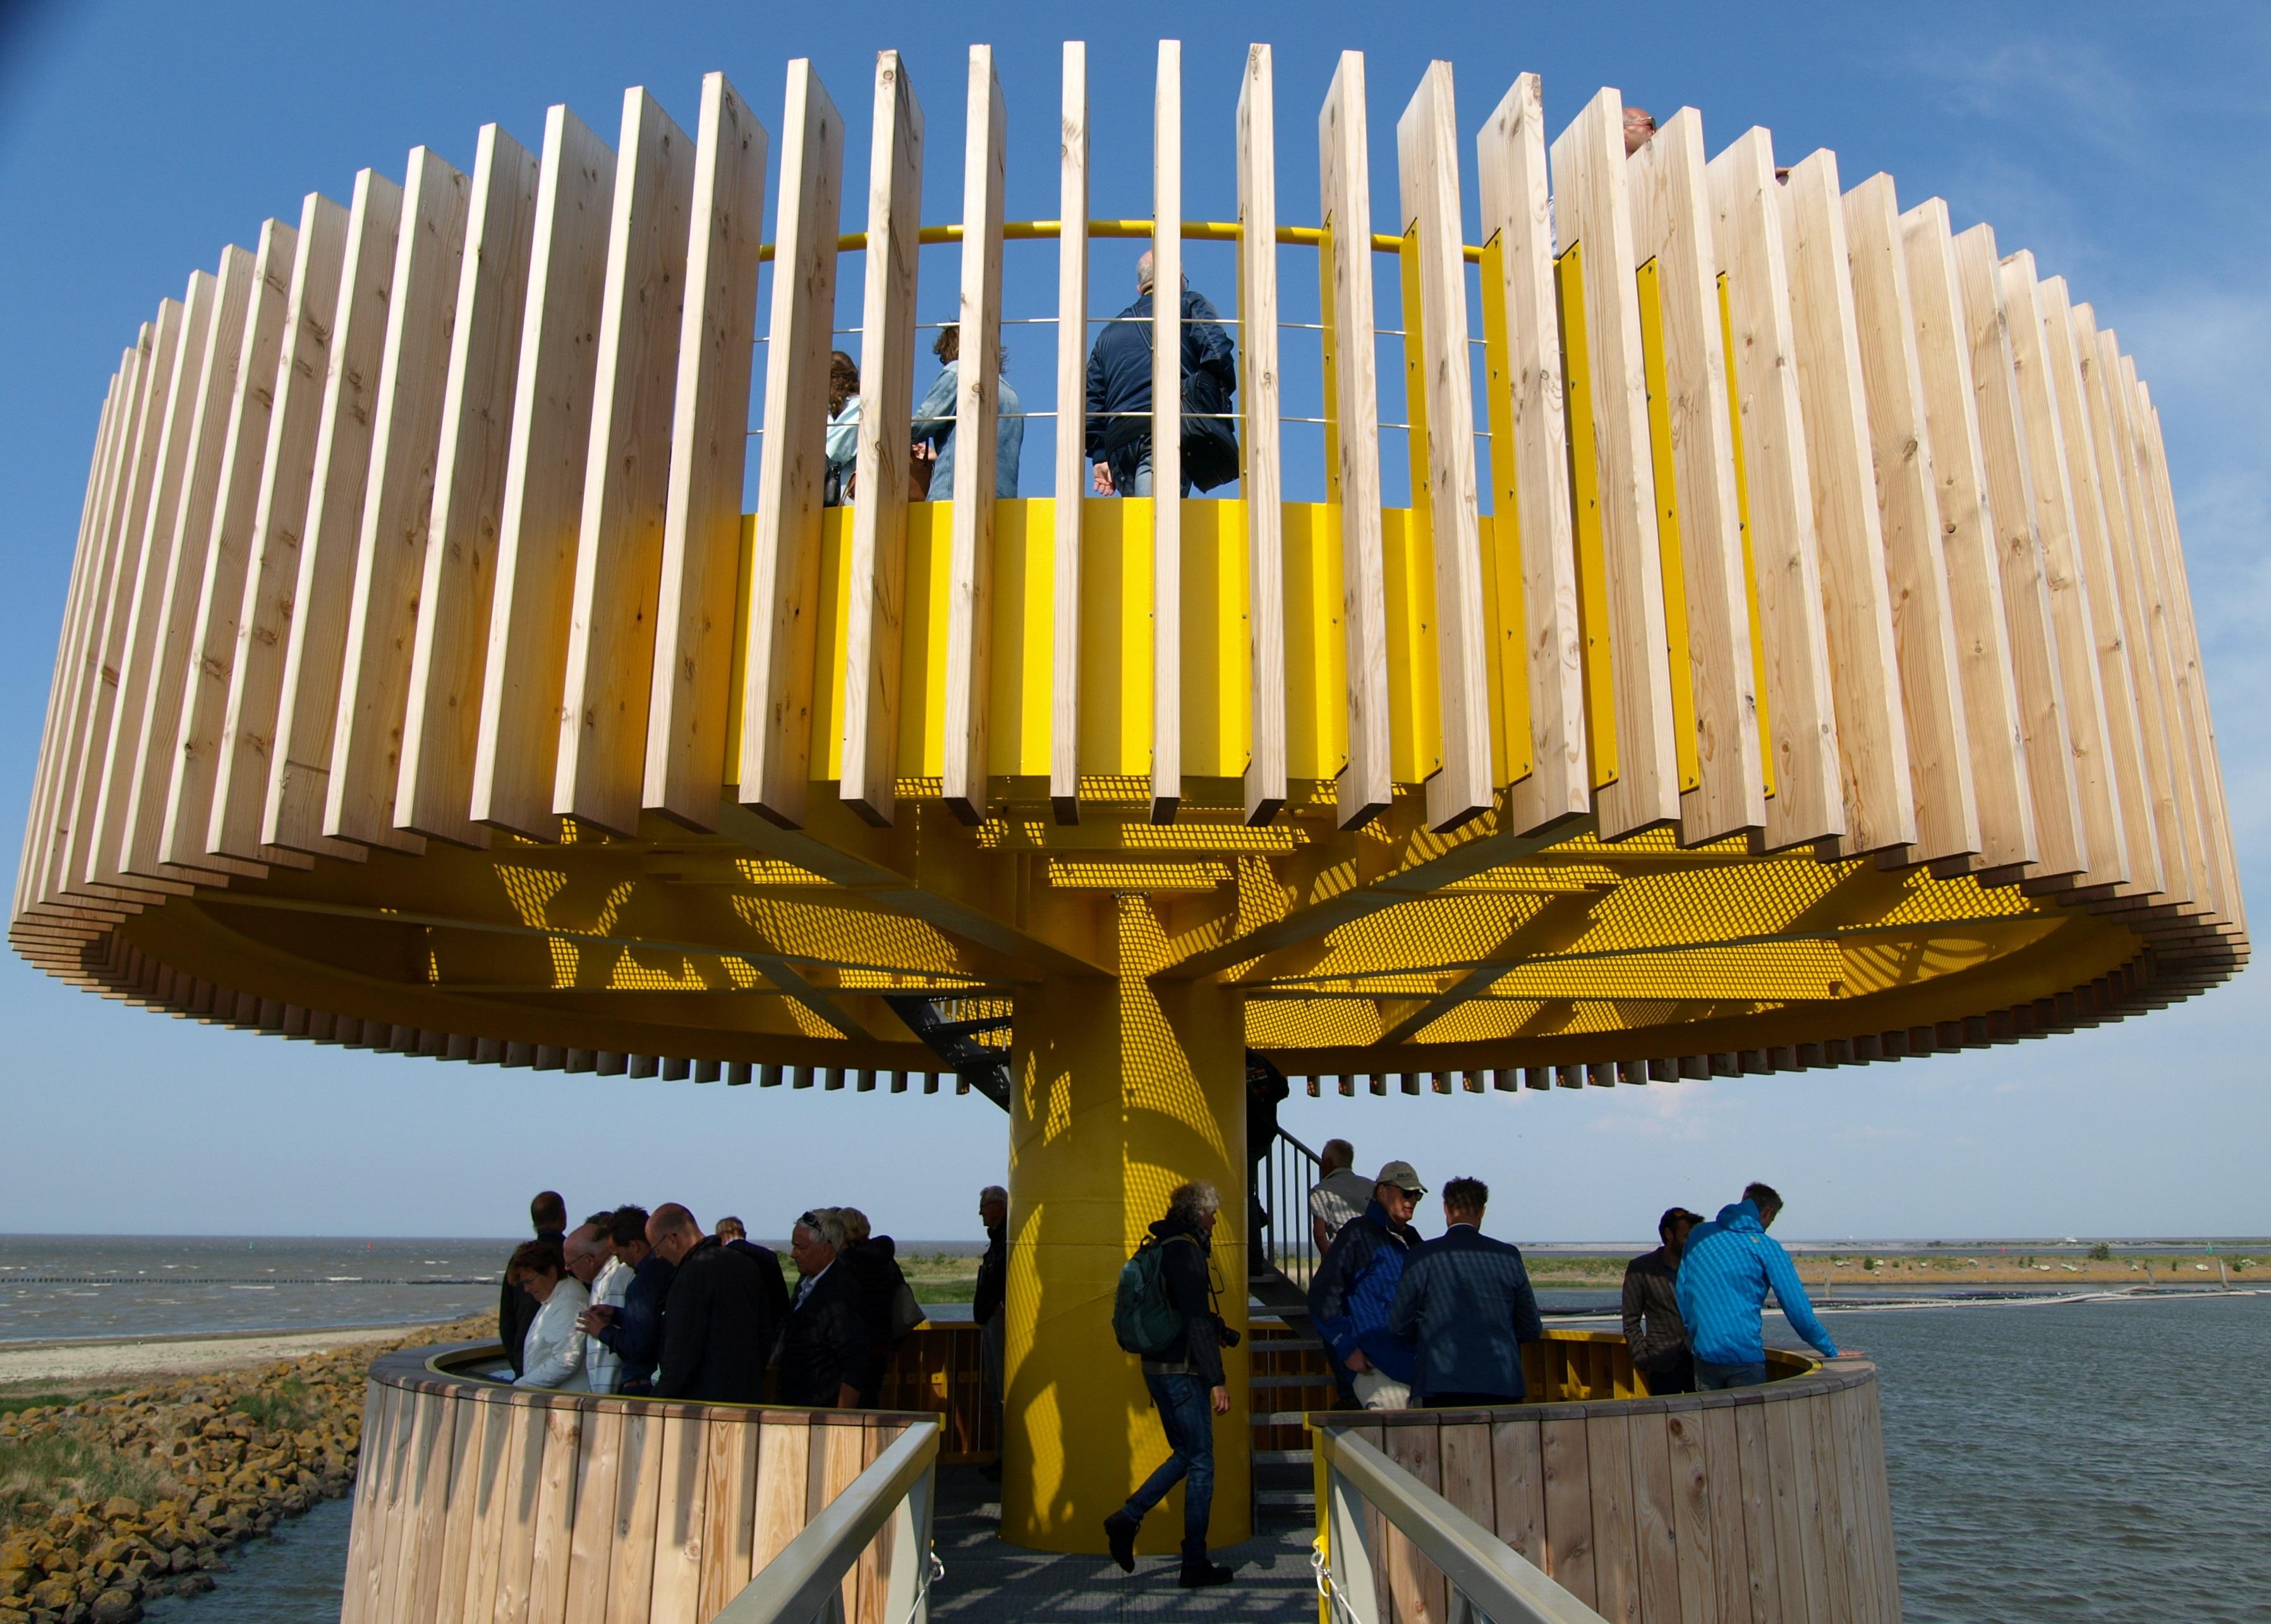 Het Waddenbelevingspunt biedt uitzicht over de Waddenzee en het IJsselmeer. (Foto: Chris Lansink)